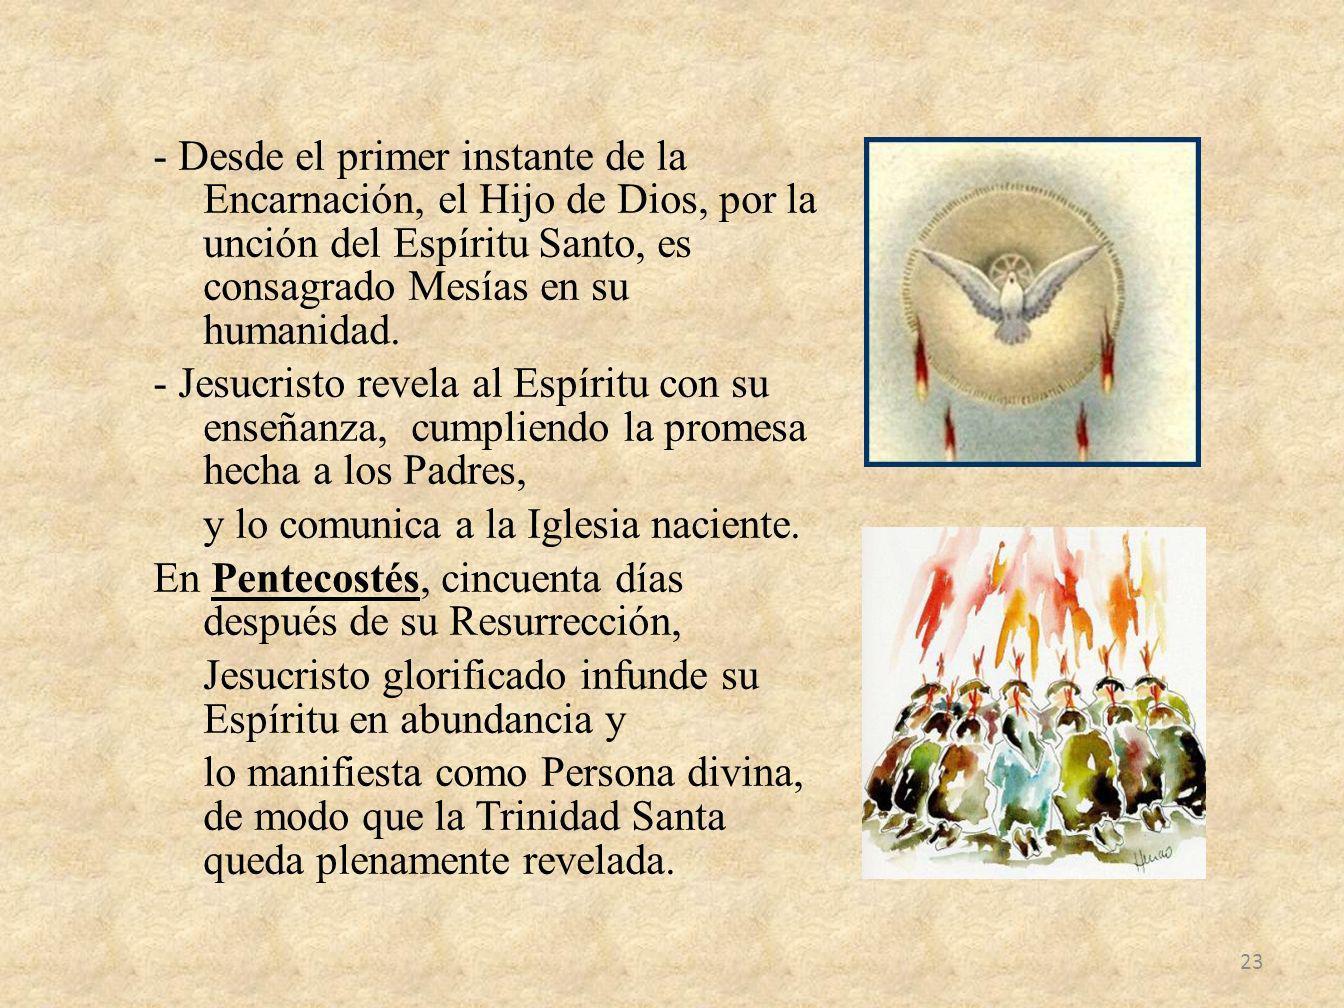 - Desde el primer instante de la Encarnación, el Hijo de Dios, por la unción del Espíritu Santo, es consagrado Mesías en su humanidad. - Jesucristo re